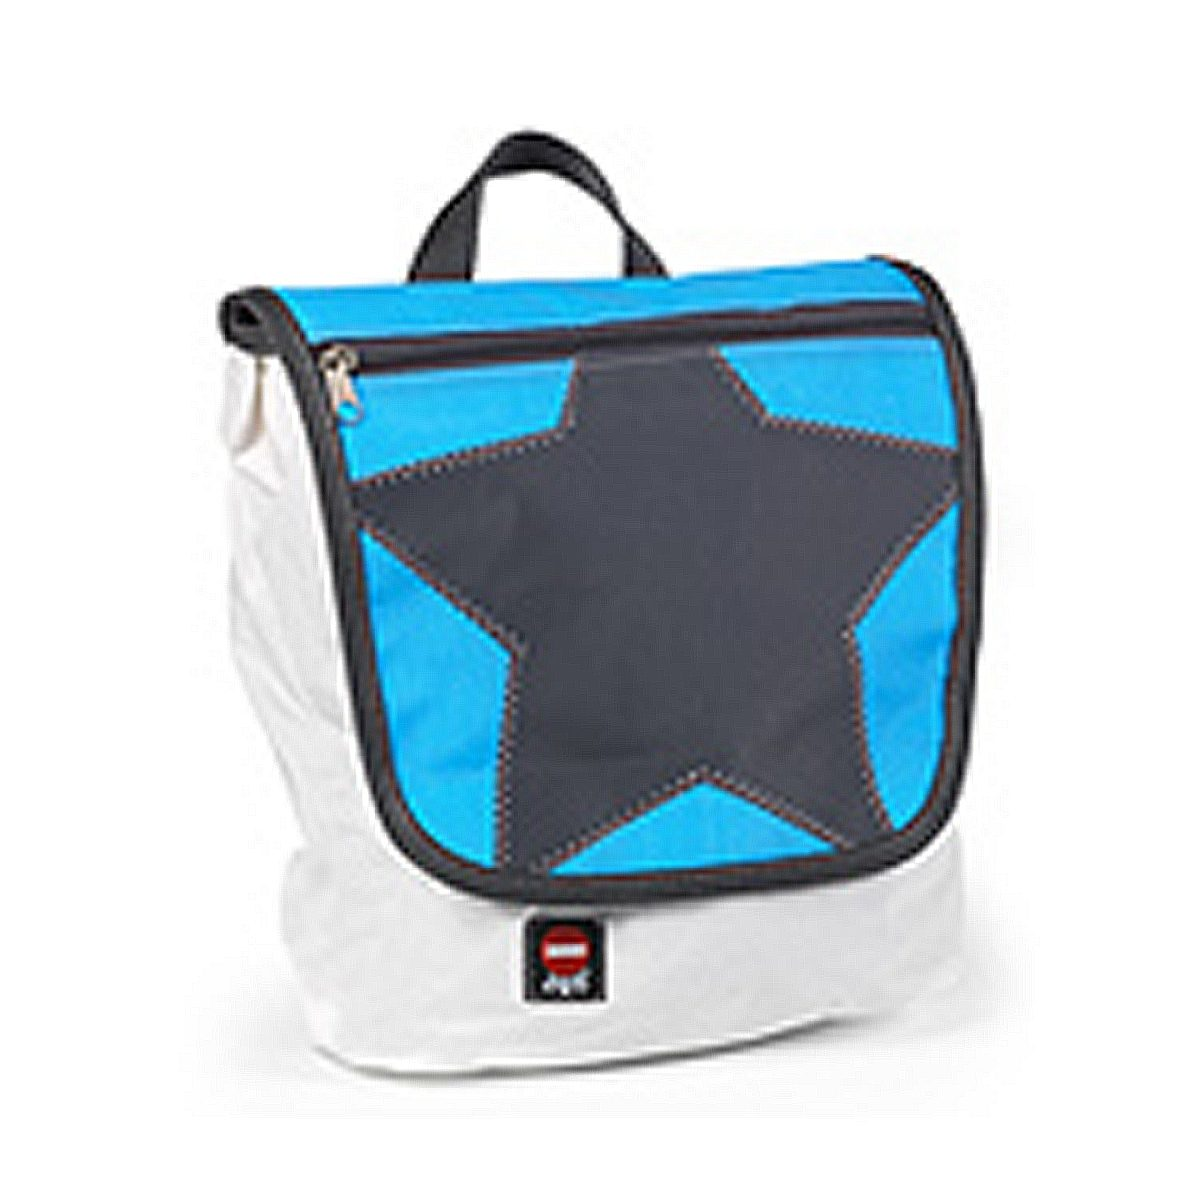 KLEIN UND MORE Klein und More 360Grad Kinderrucksack, Klappe blau, Stern grau